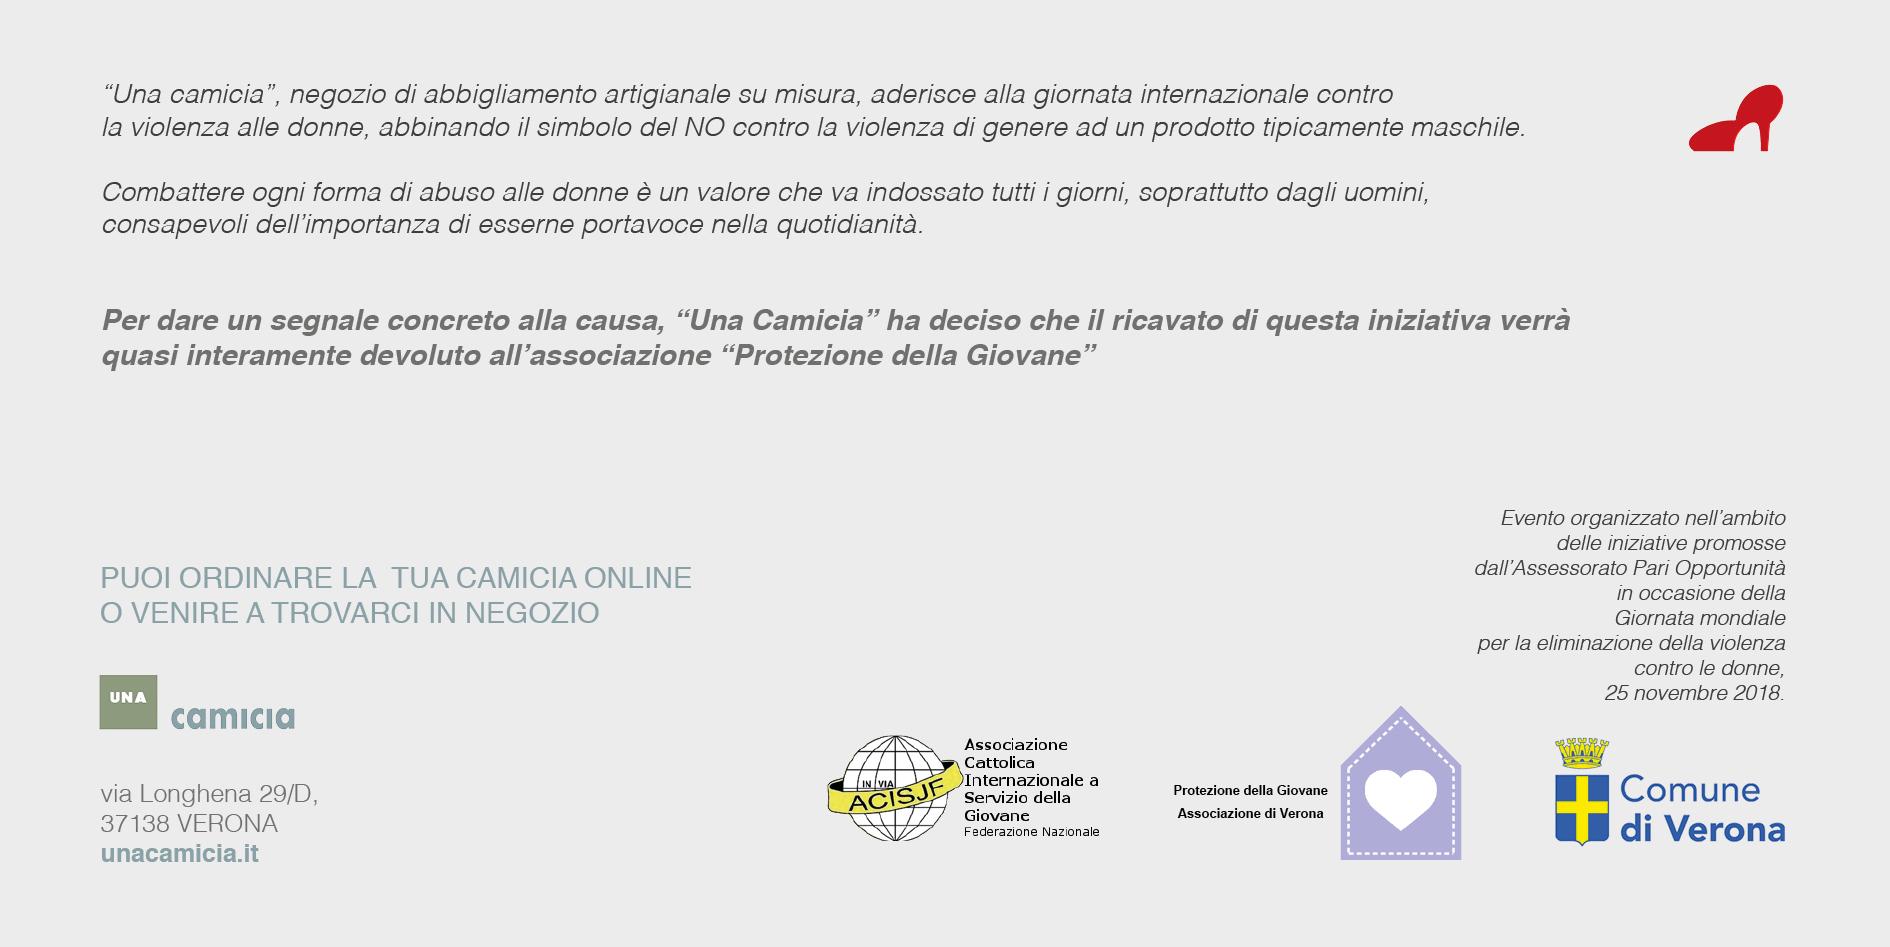 UNA CAMICIA TI PROTEGGE DEF 3